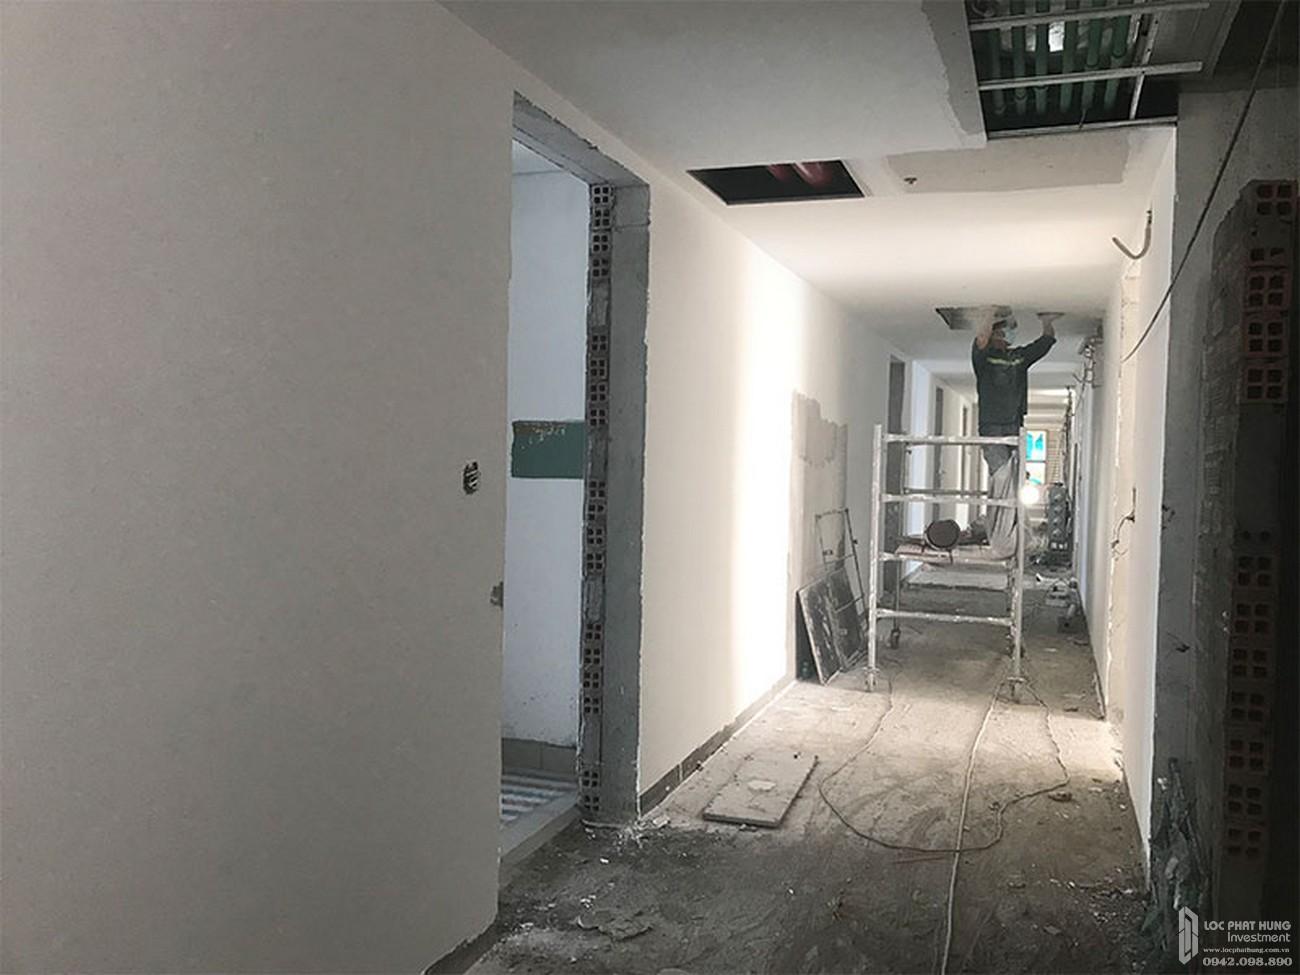 Lắp đặt tấm trần tầng 18 dự án chung cư River Panorama Quận 7 tháng 02/2020